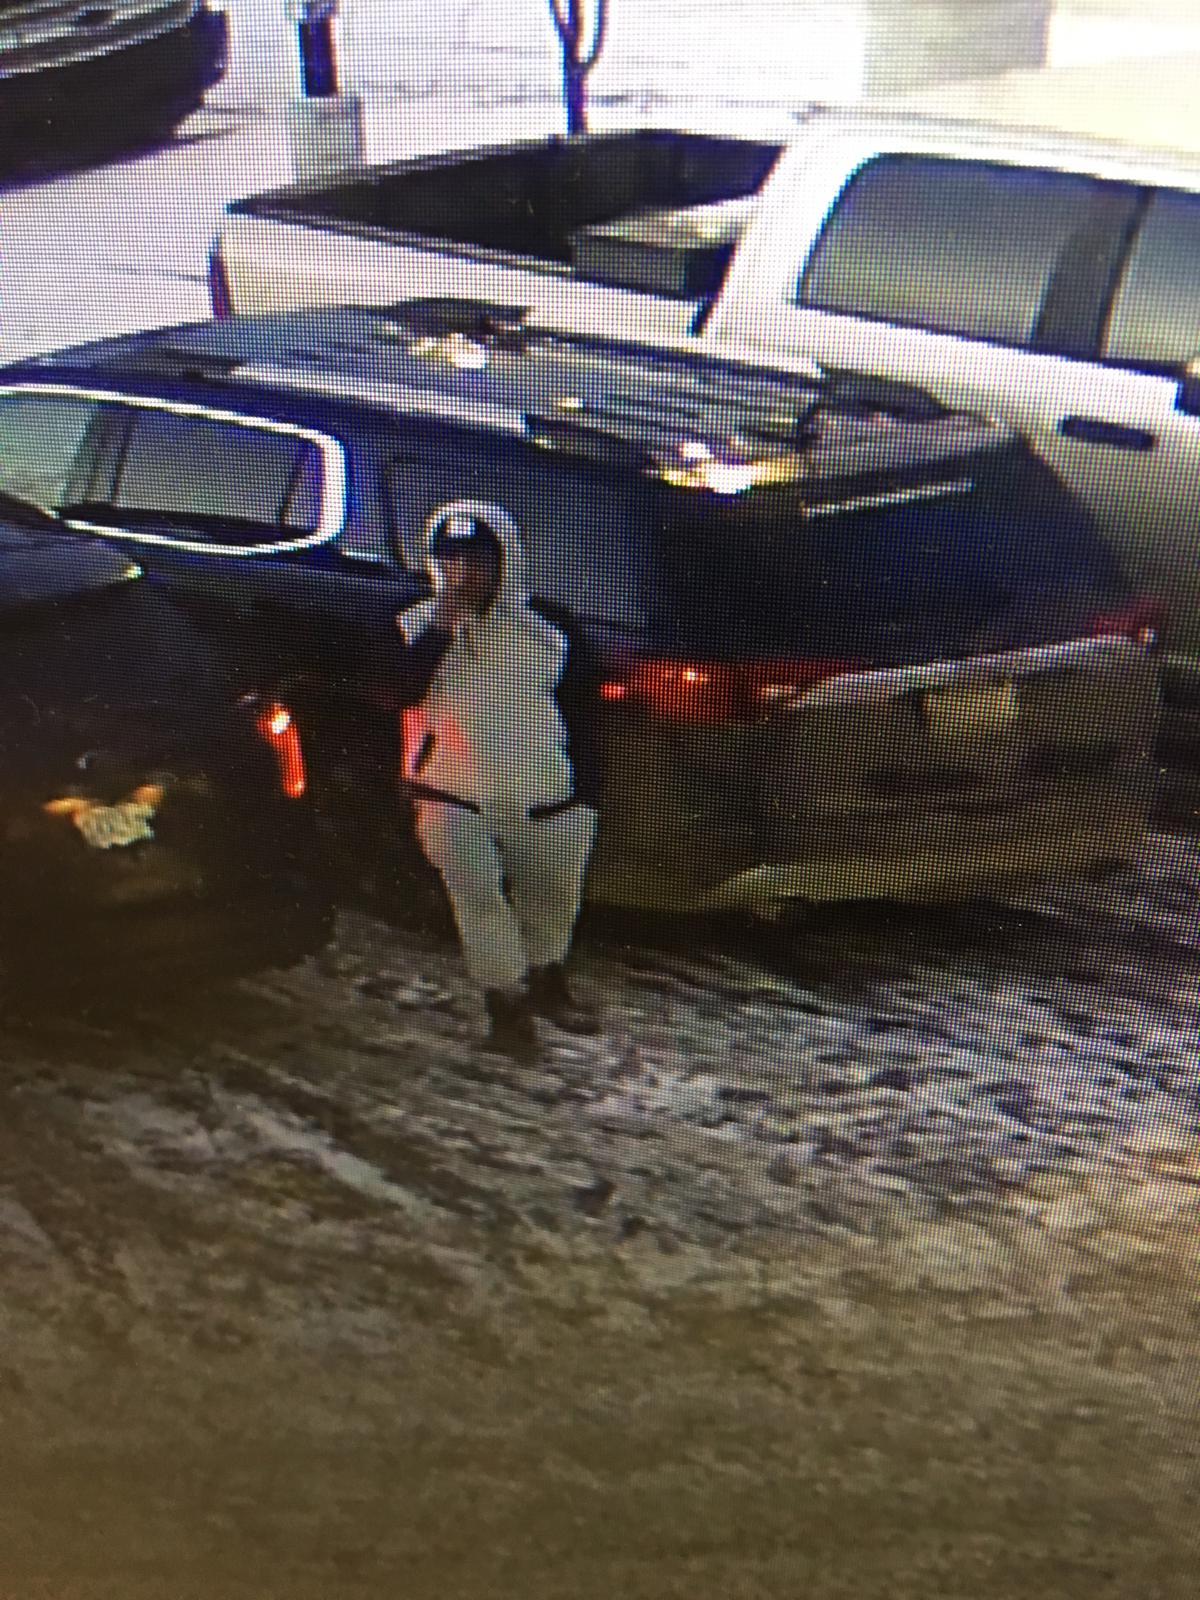 carjacking suspect in custody - my grande prairie now